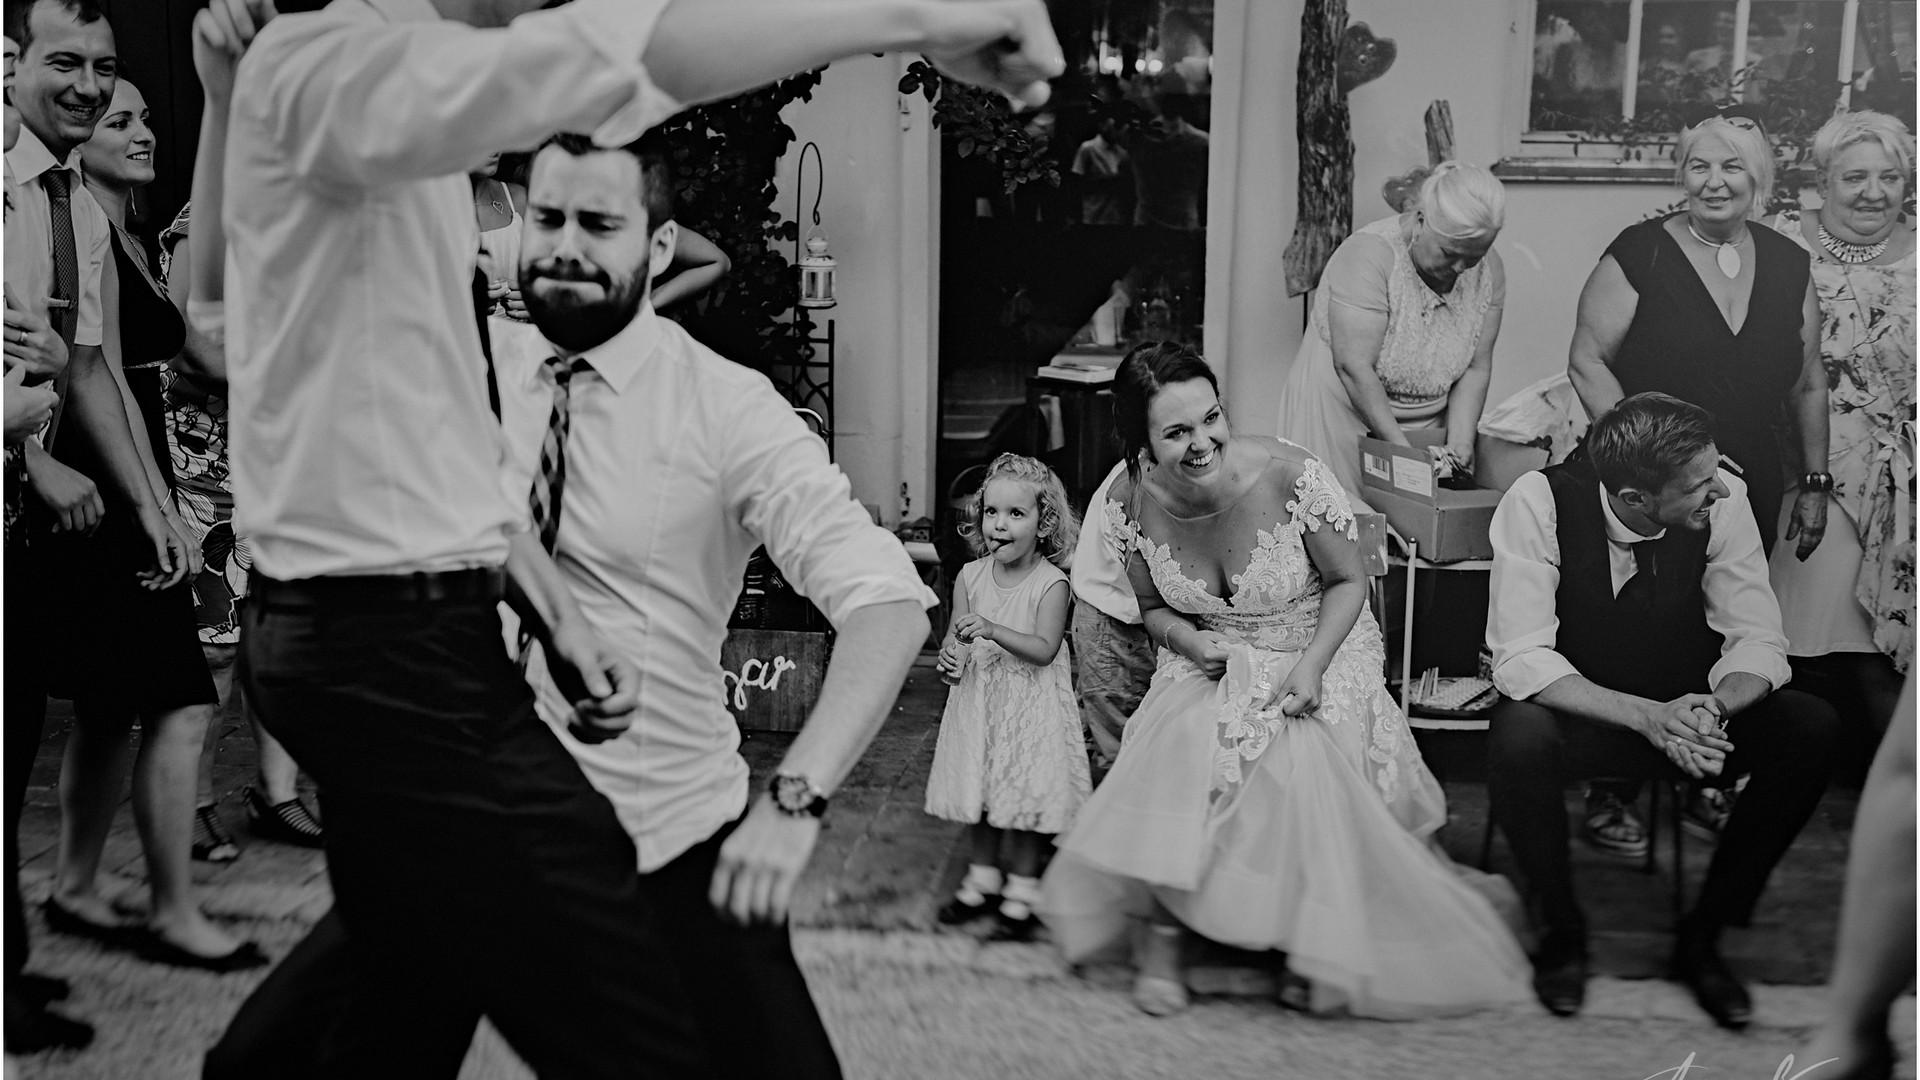 Hochzeitsfotograf München für ungestellte Hochzeitsfotos